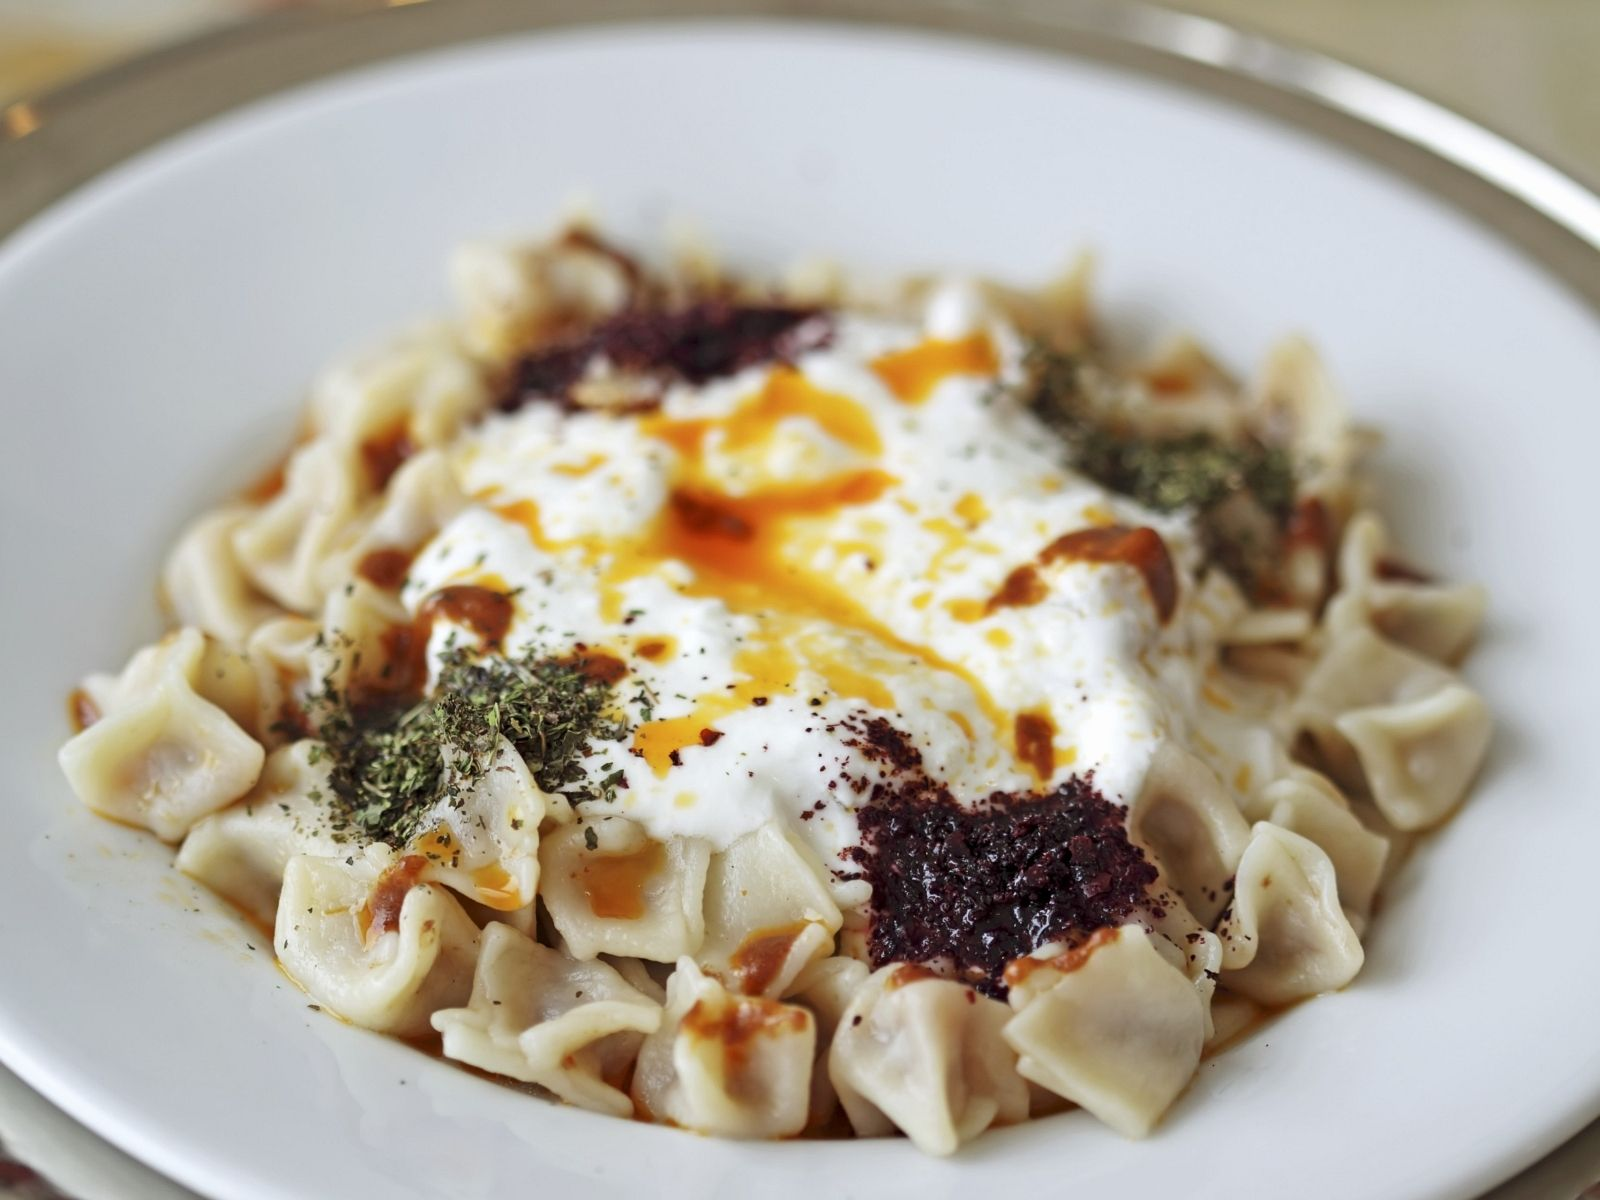 Turkische Teigtaschen Mit Joghurtdip Manti Rezept Eat Smarter